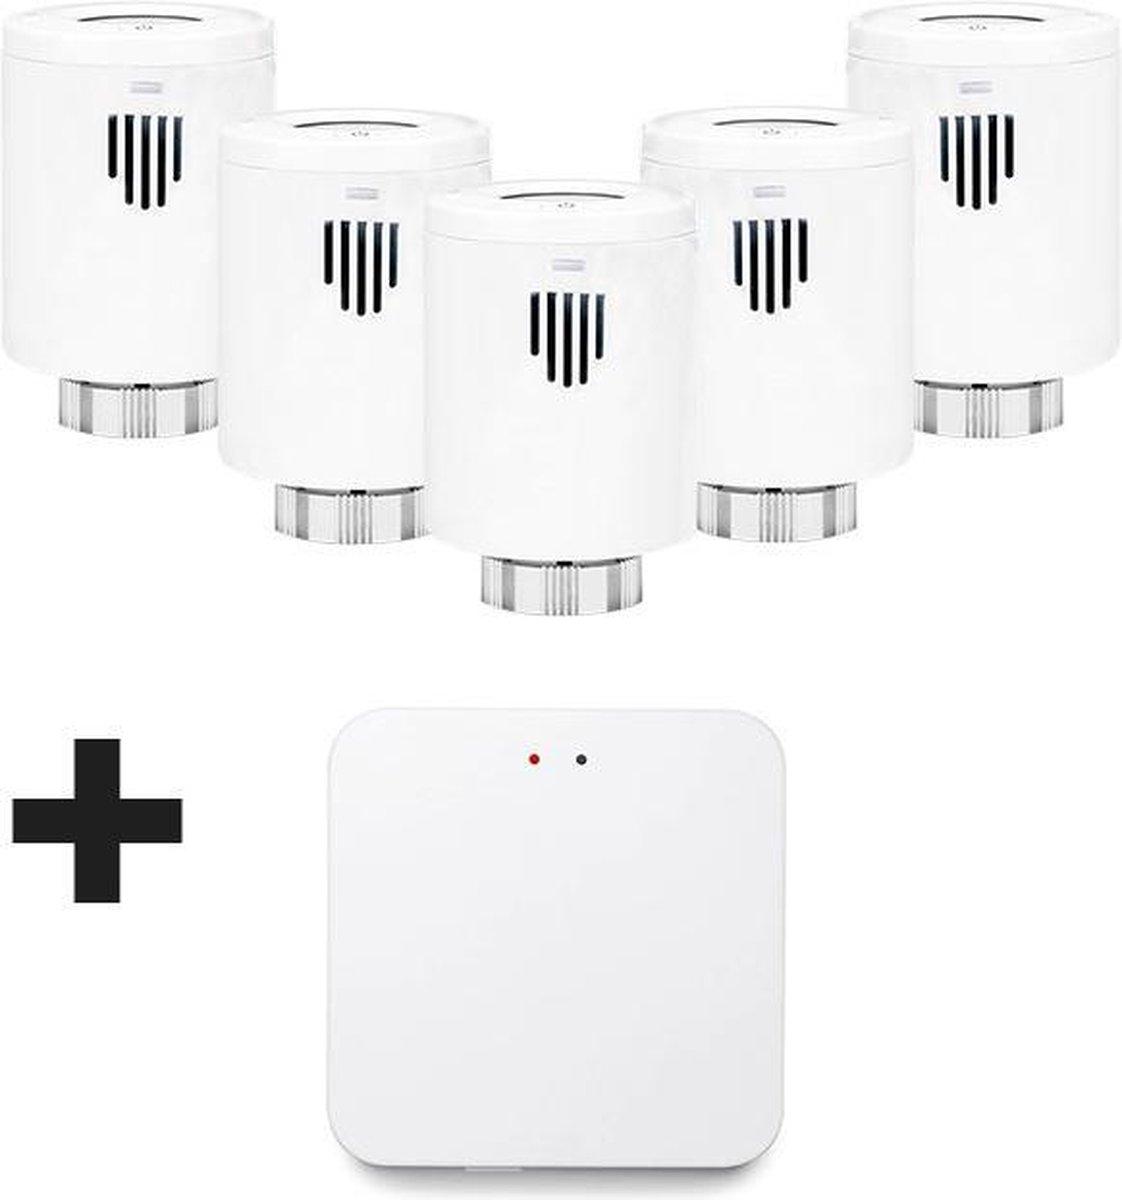 Evanell° Slimme Thermostaat Starterskit Incl. 4 extra Radiatorknoppen - Thermostaatknop Werkt met Google Home en Alexa